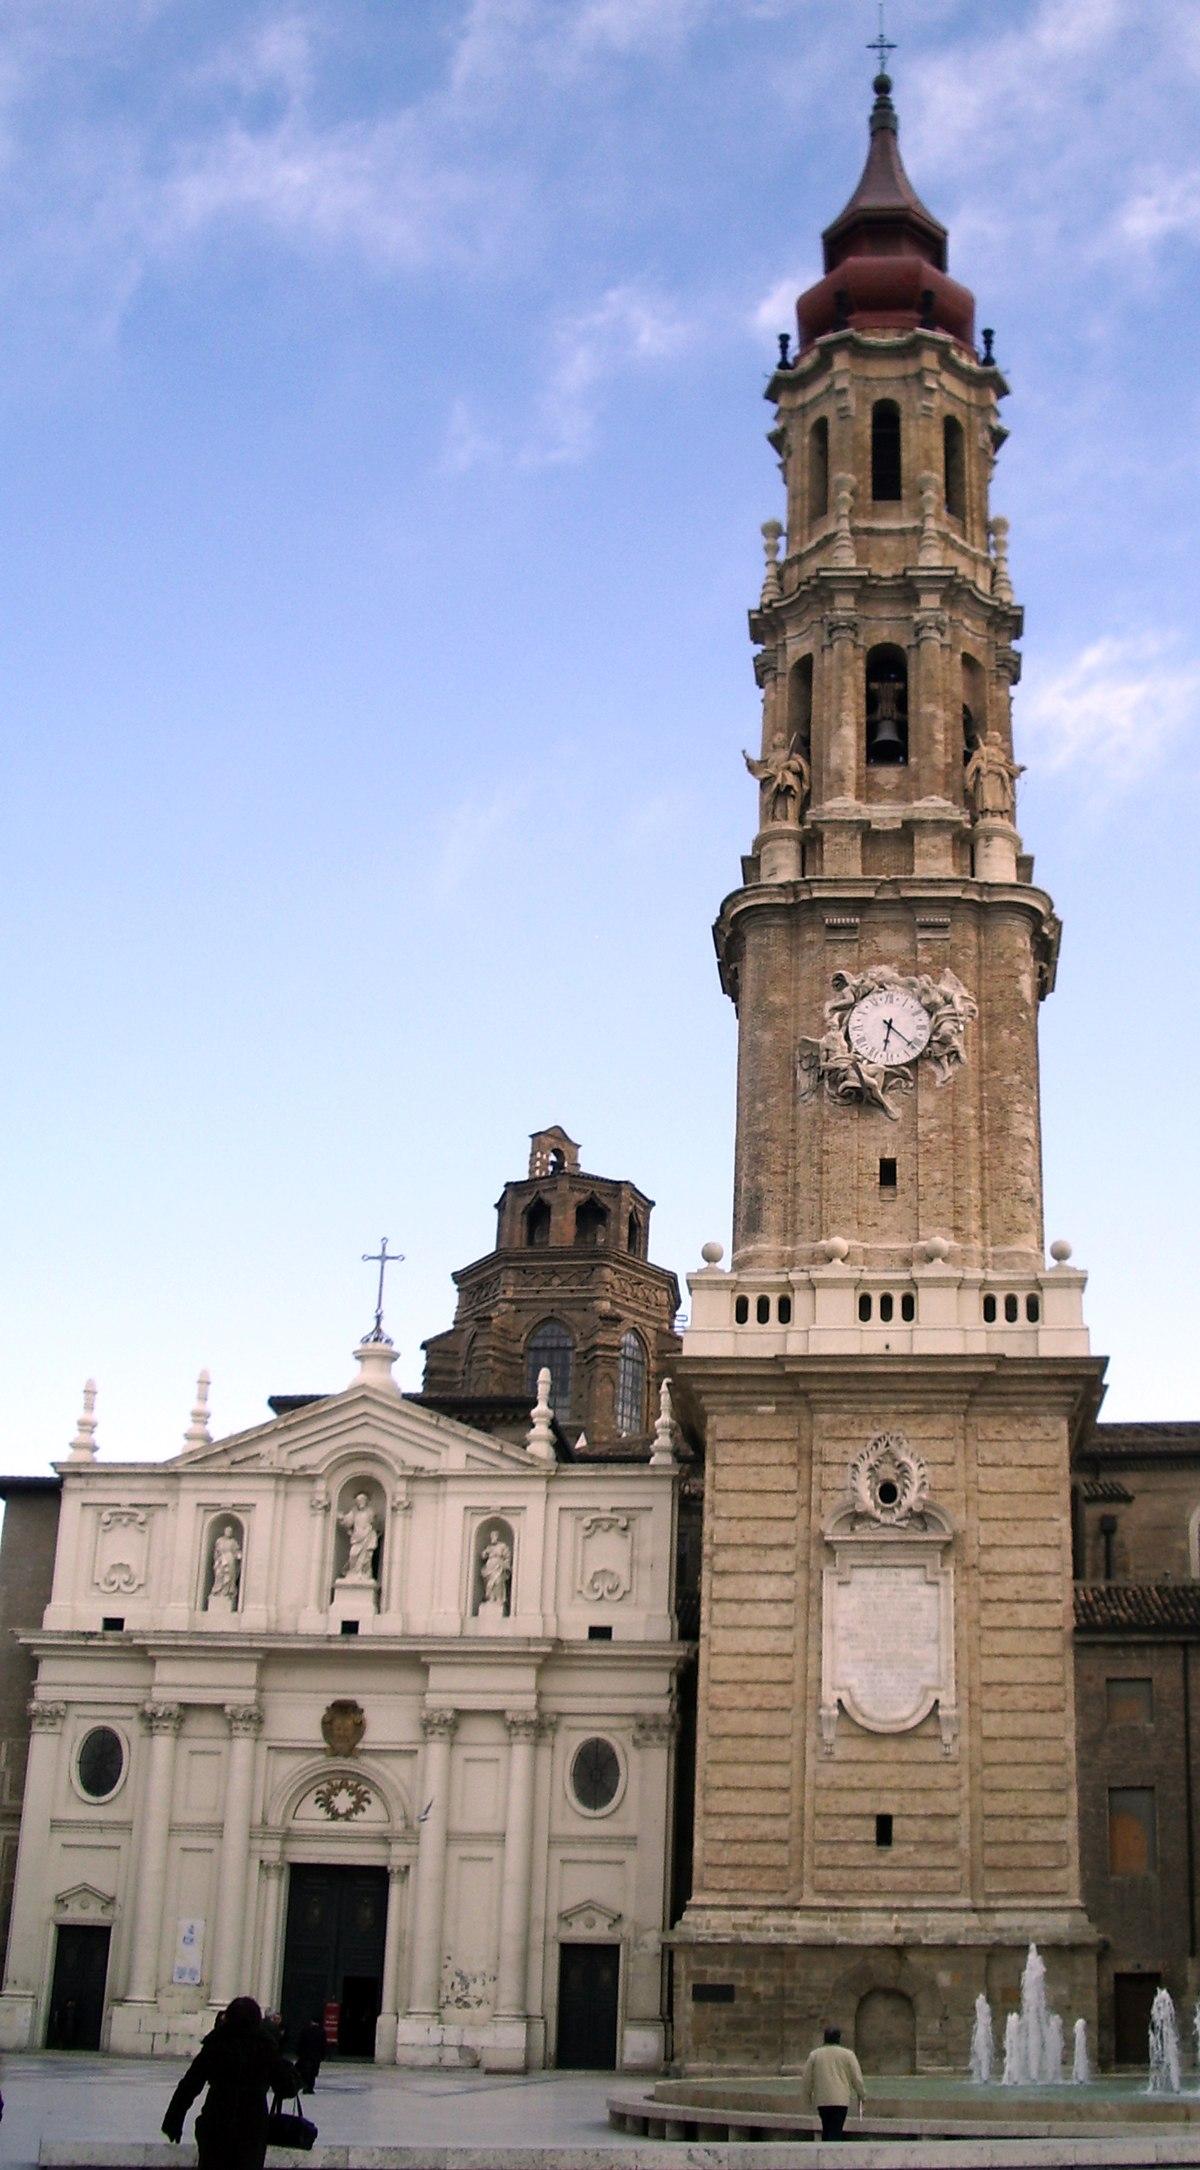 Cattedrale del Salvatore (Saragozza) - Wikipedia